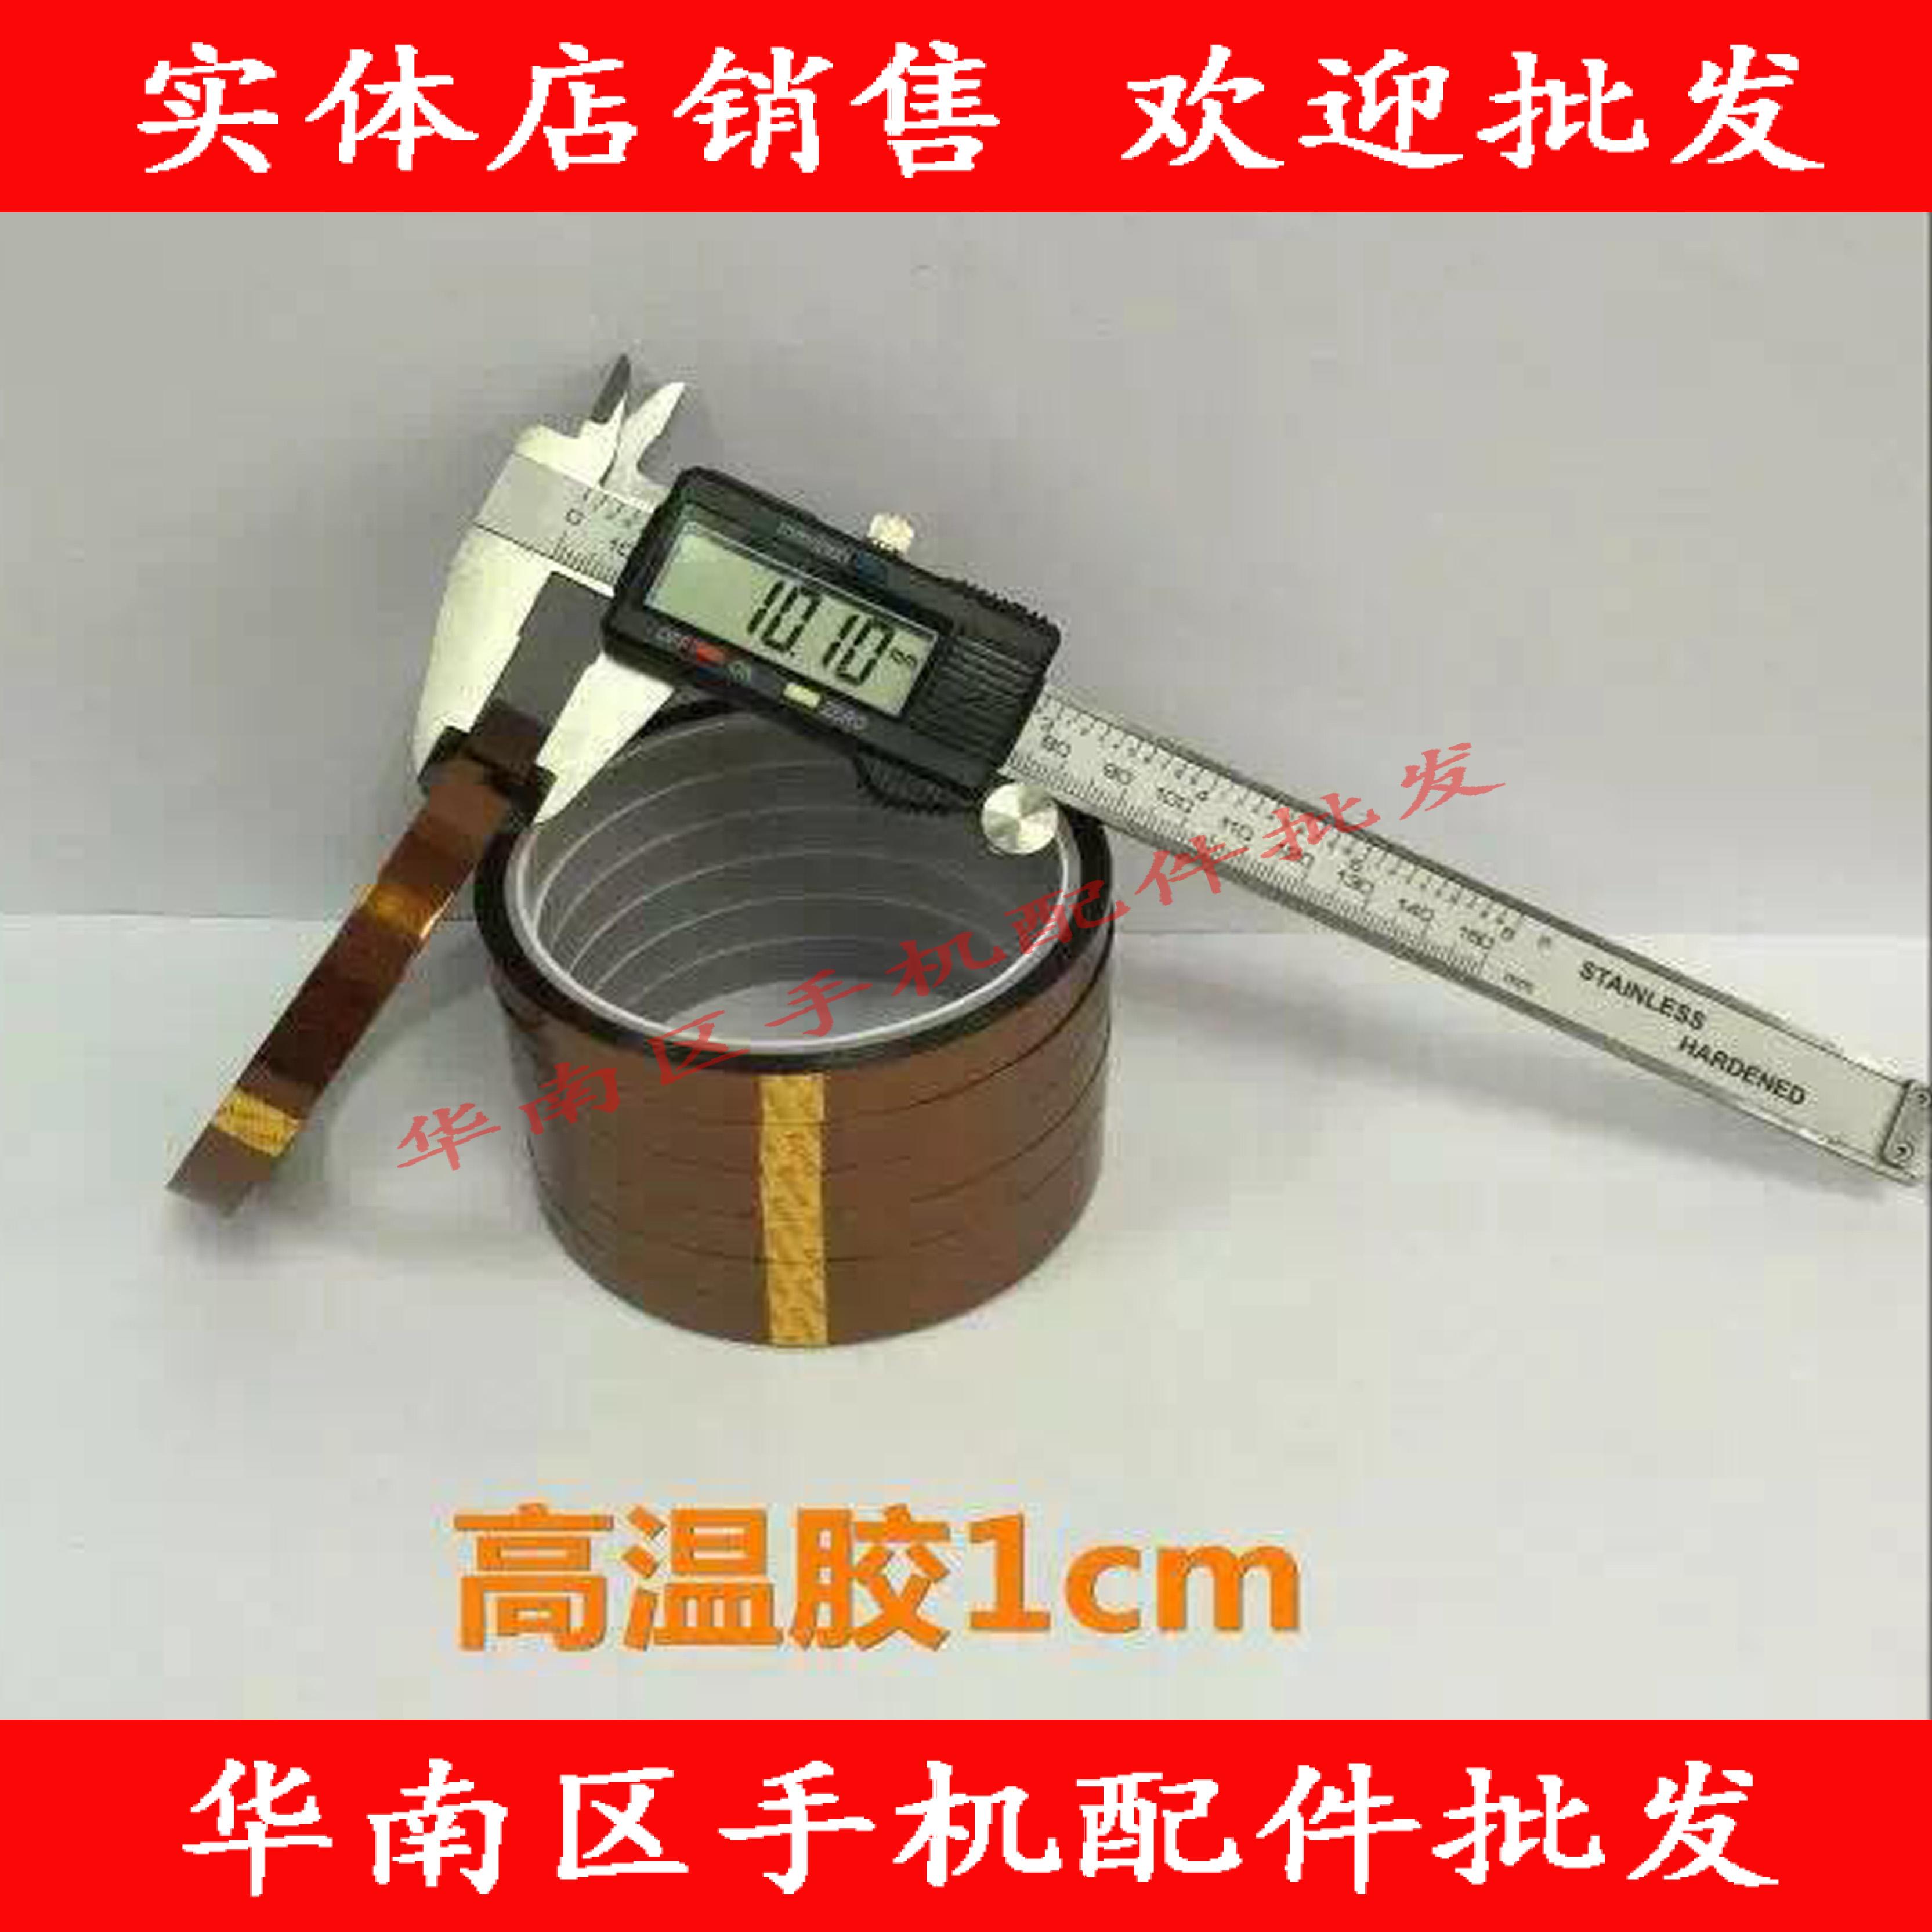 Служба специальный тонкий высокотемпературные лента золотой лента темно-коричневый золотая ручка палец высокая температура лента оптовая торговля